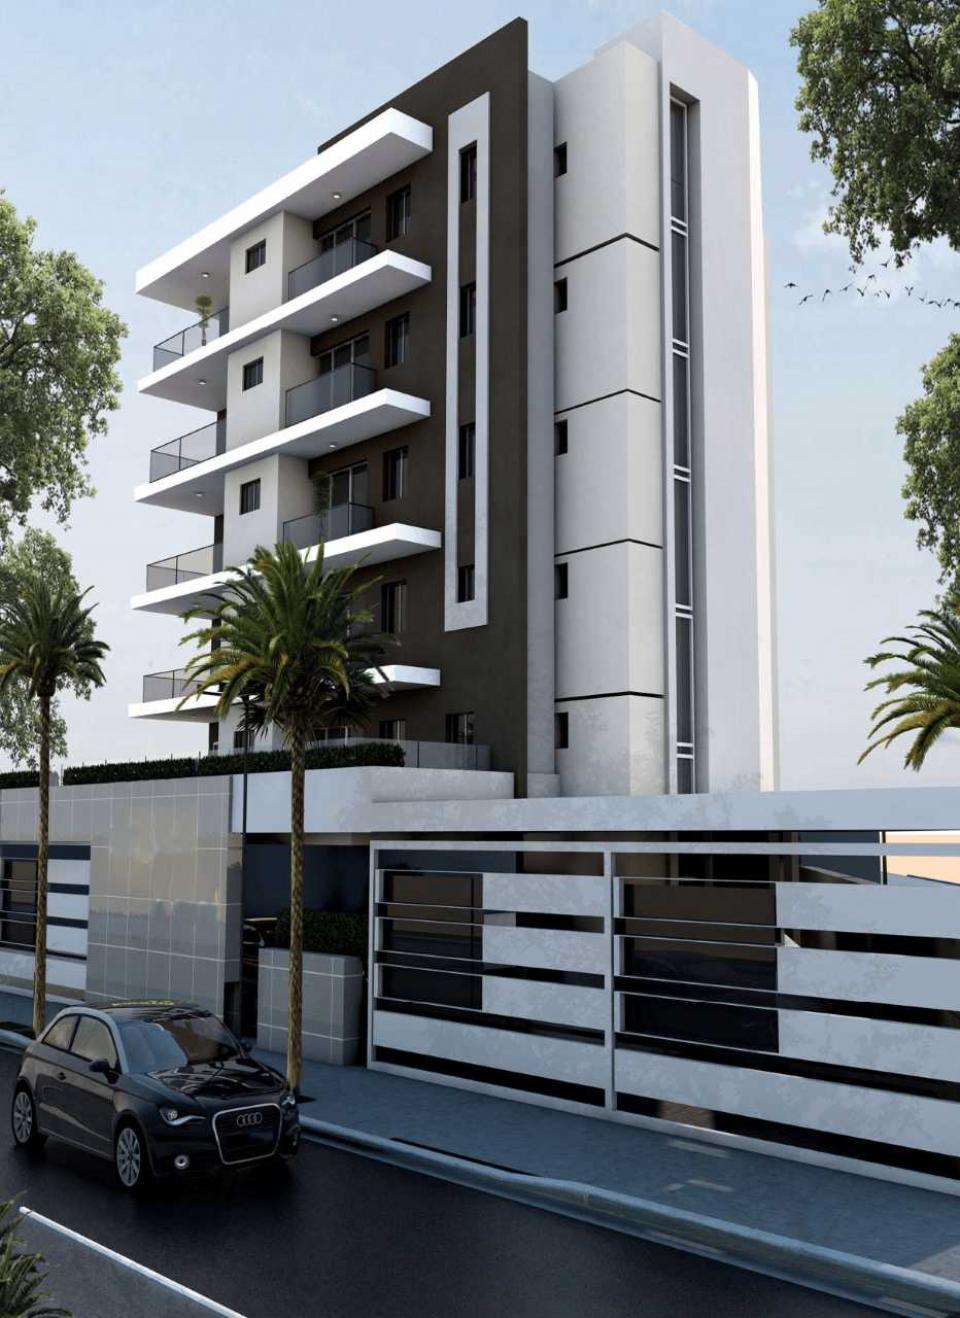 Apartamentos en construcción en URBANIZACIÓN REAL desde US$ 82,500.00 0